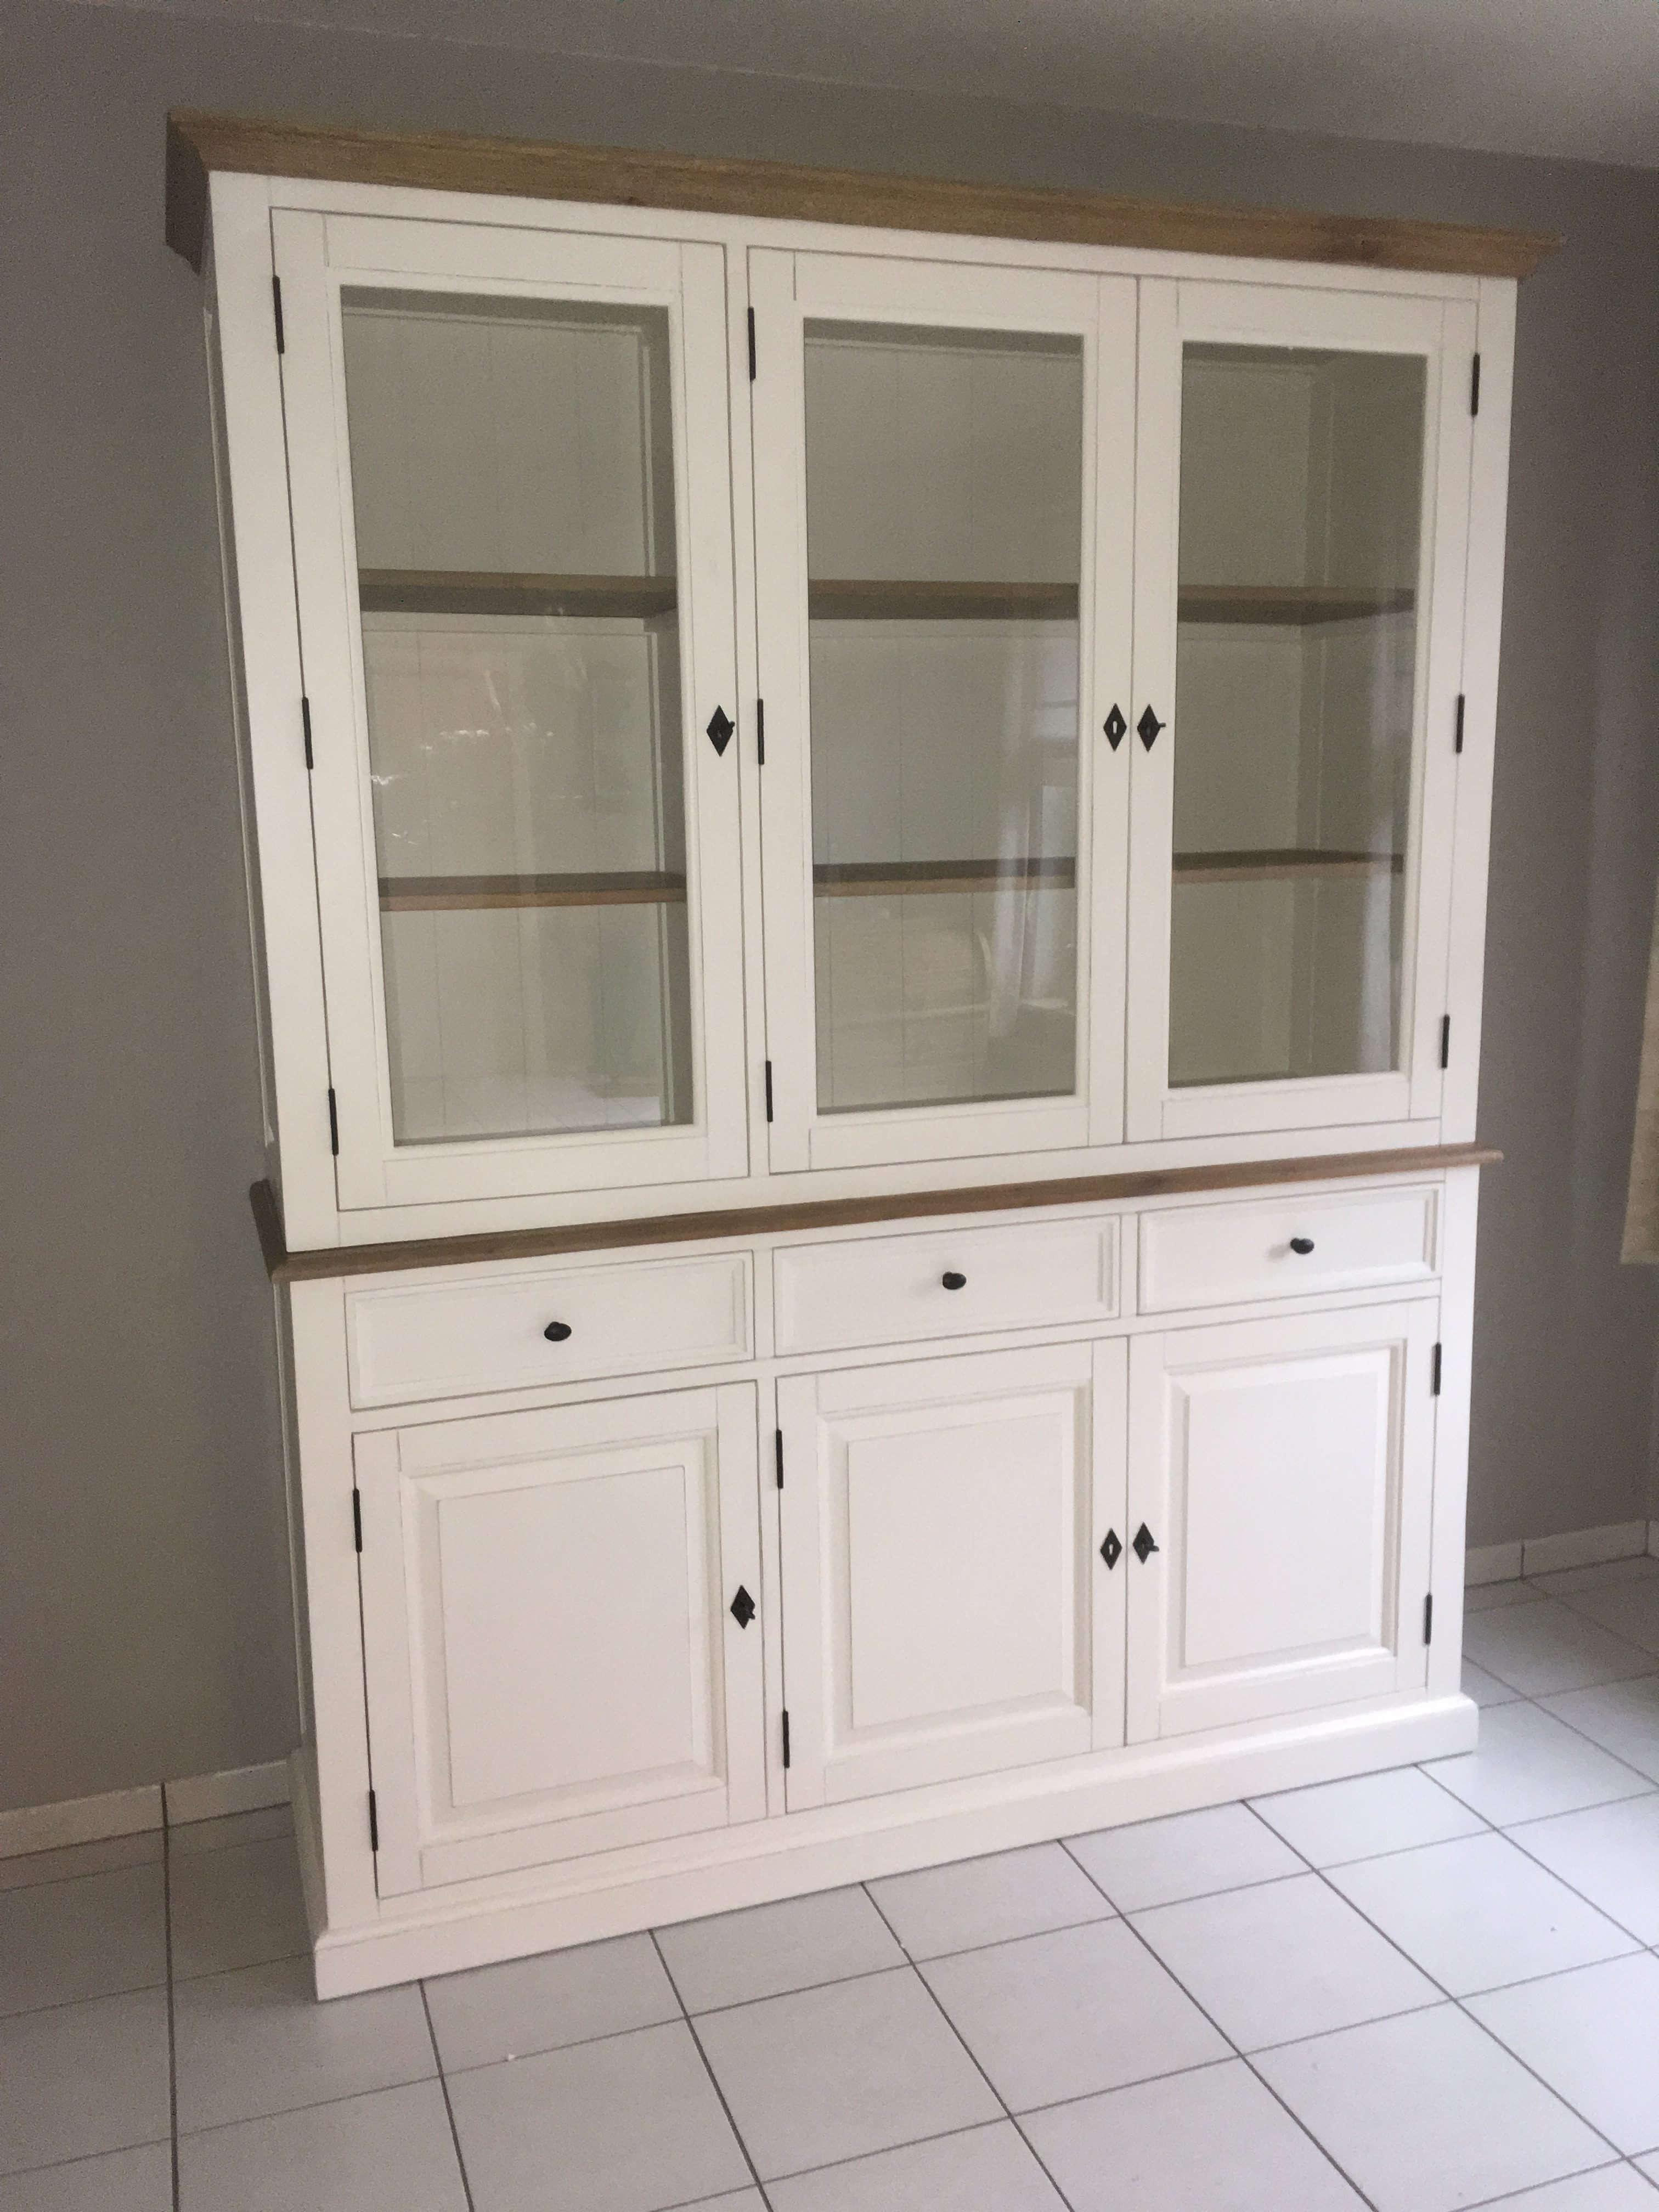 vitrinekast 3-deurs verouderd wit en vergrijsde eik